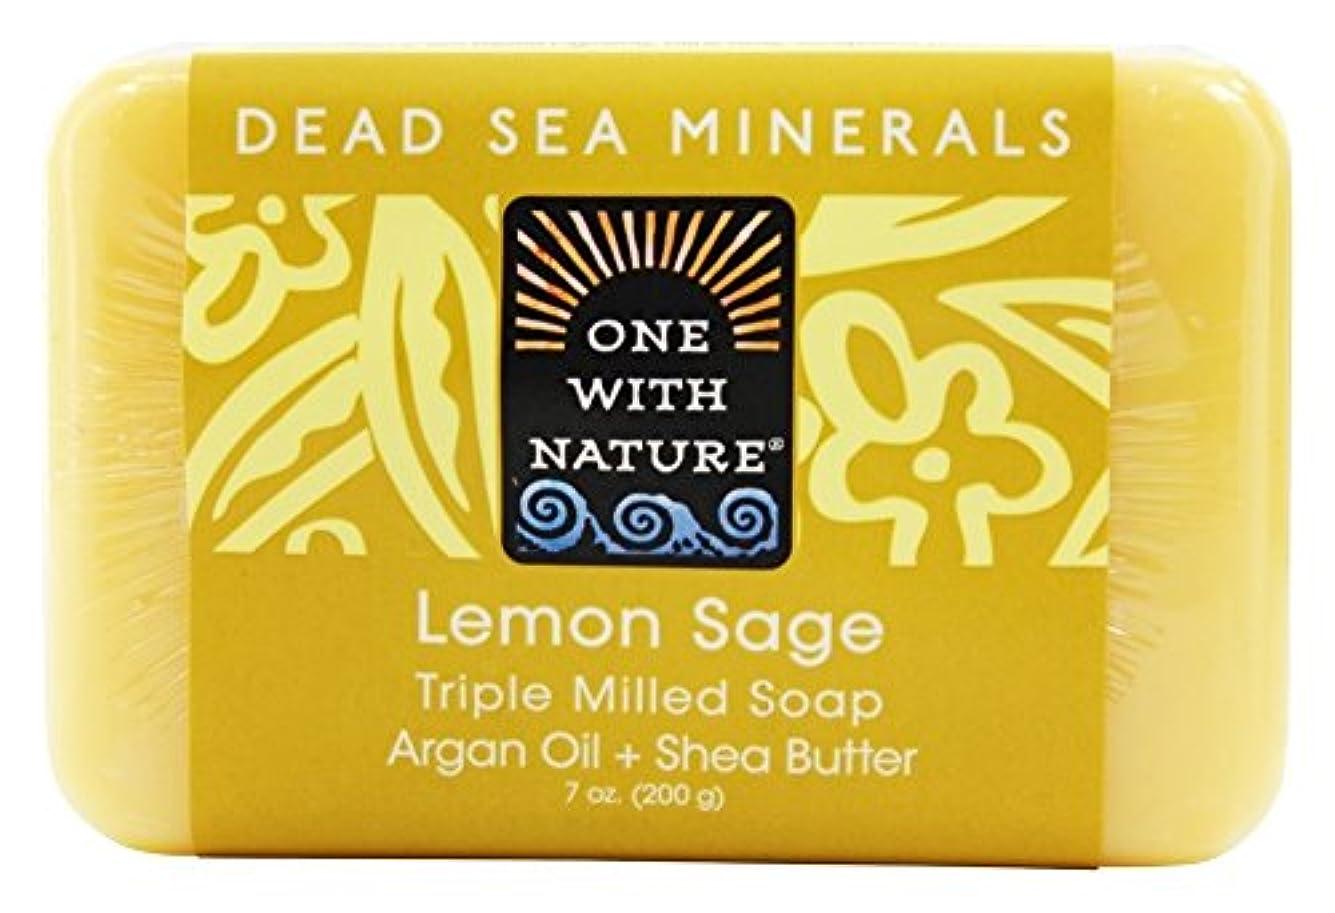 レトルト焦がすサーバOne With Nature - 死んだ海ミネラル バー石鹸穏やかな角質除去レモン セージ - 7ポンド [並行輸入品]